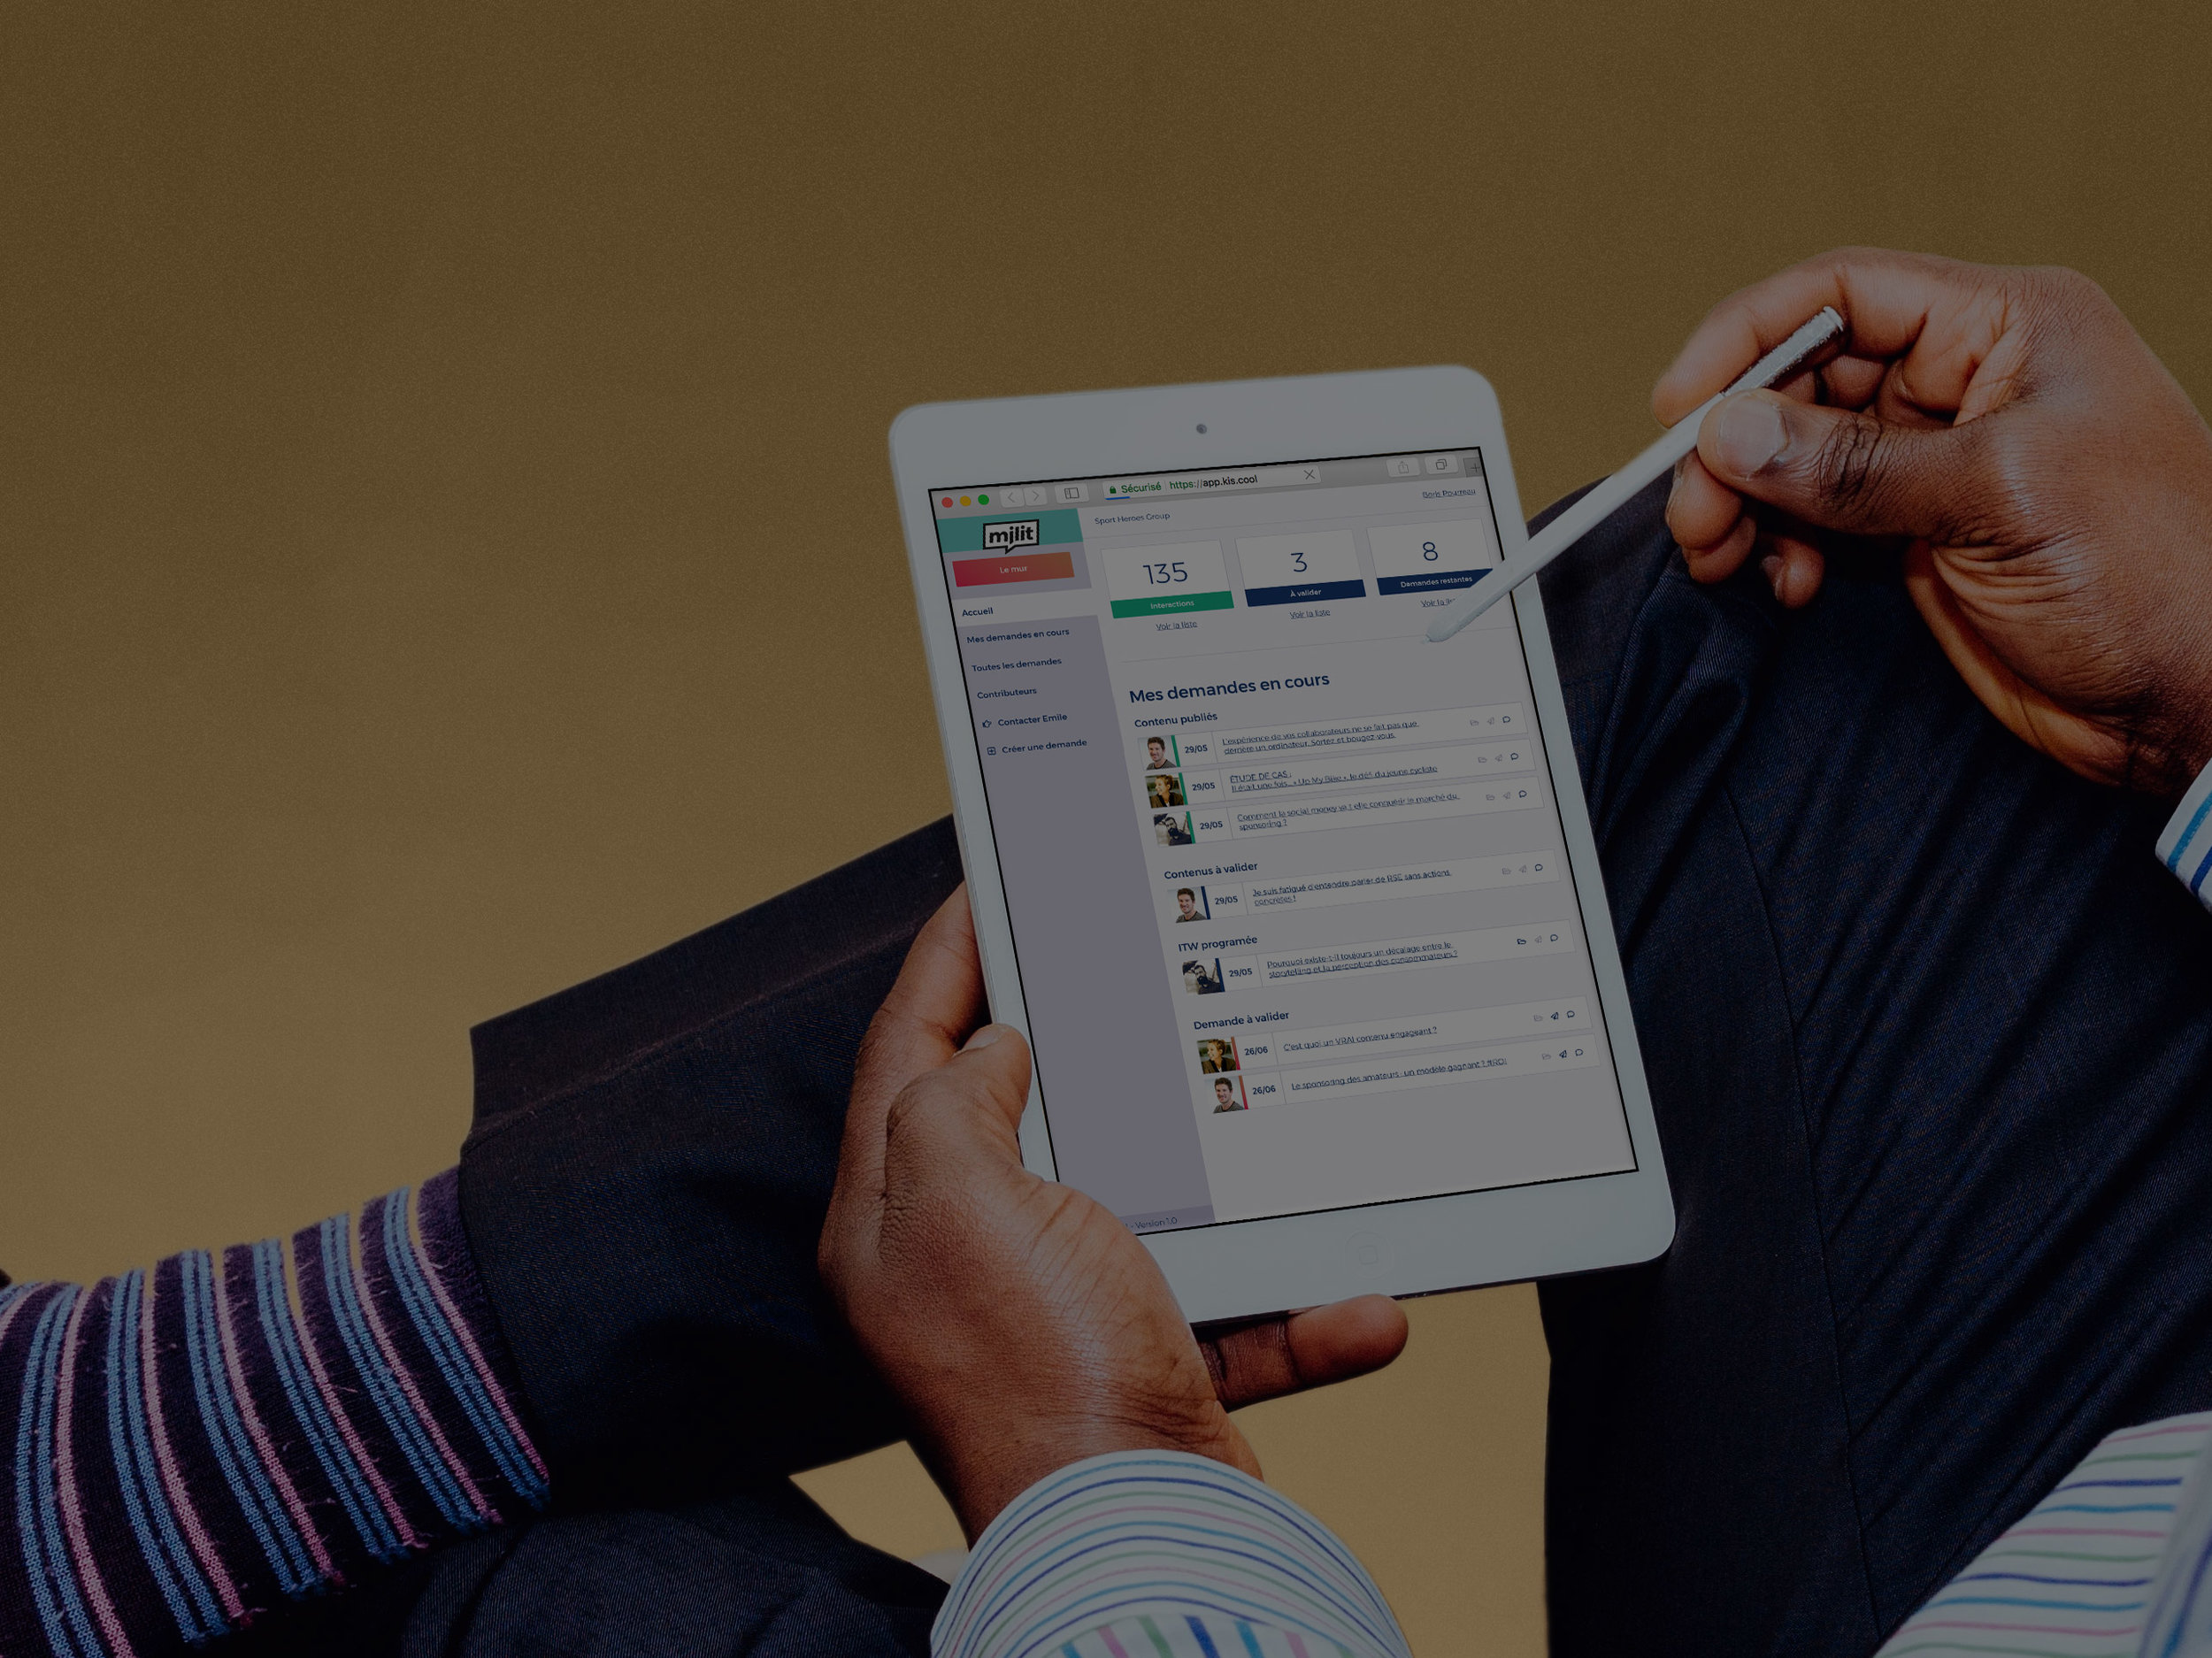 Notre plateforme permet de suivre ta quantité de travail et d'interagir avec les dirigeants pour qui tu écris -